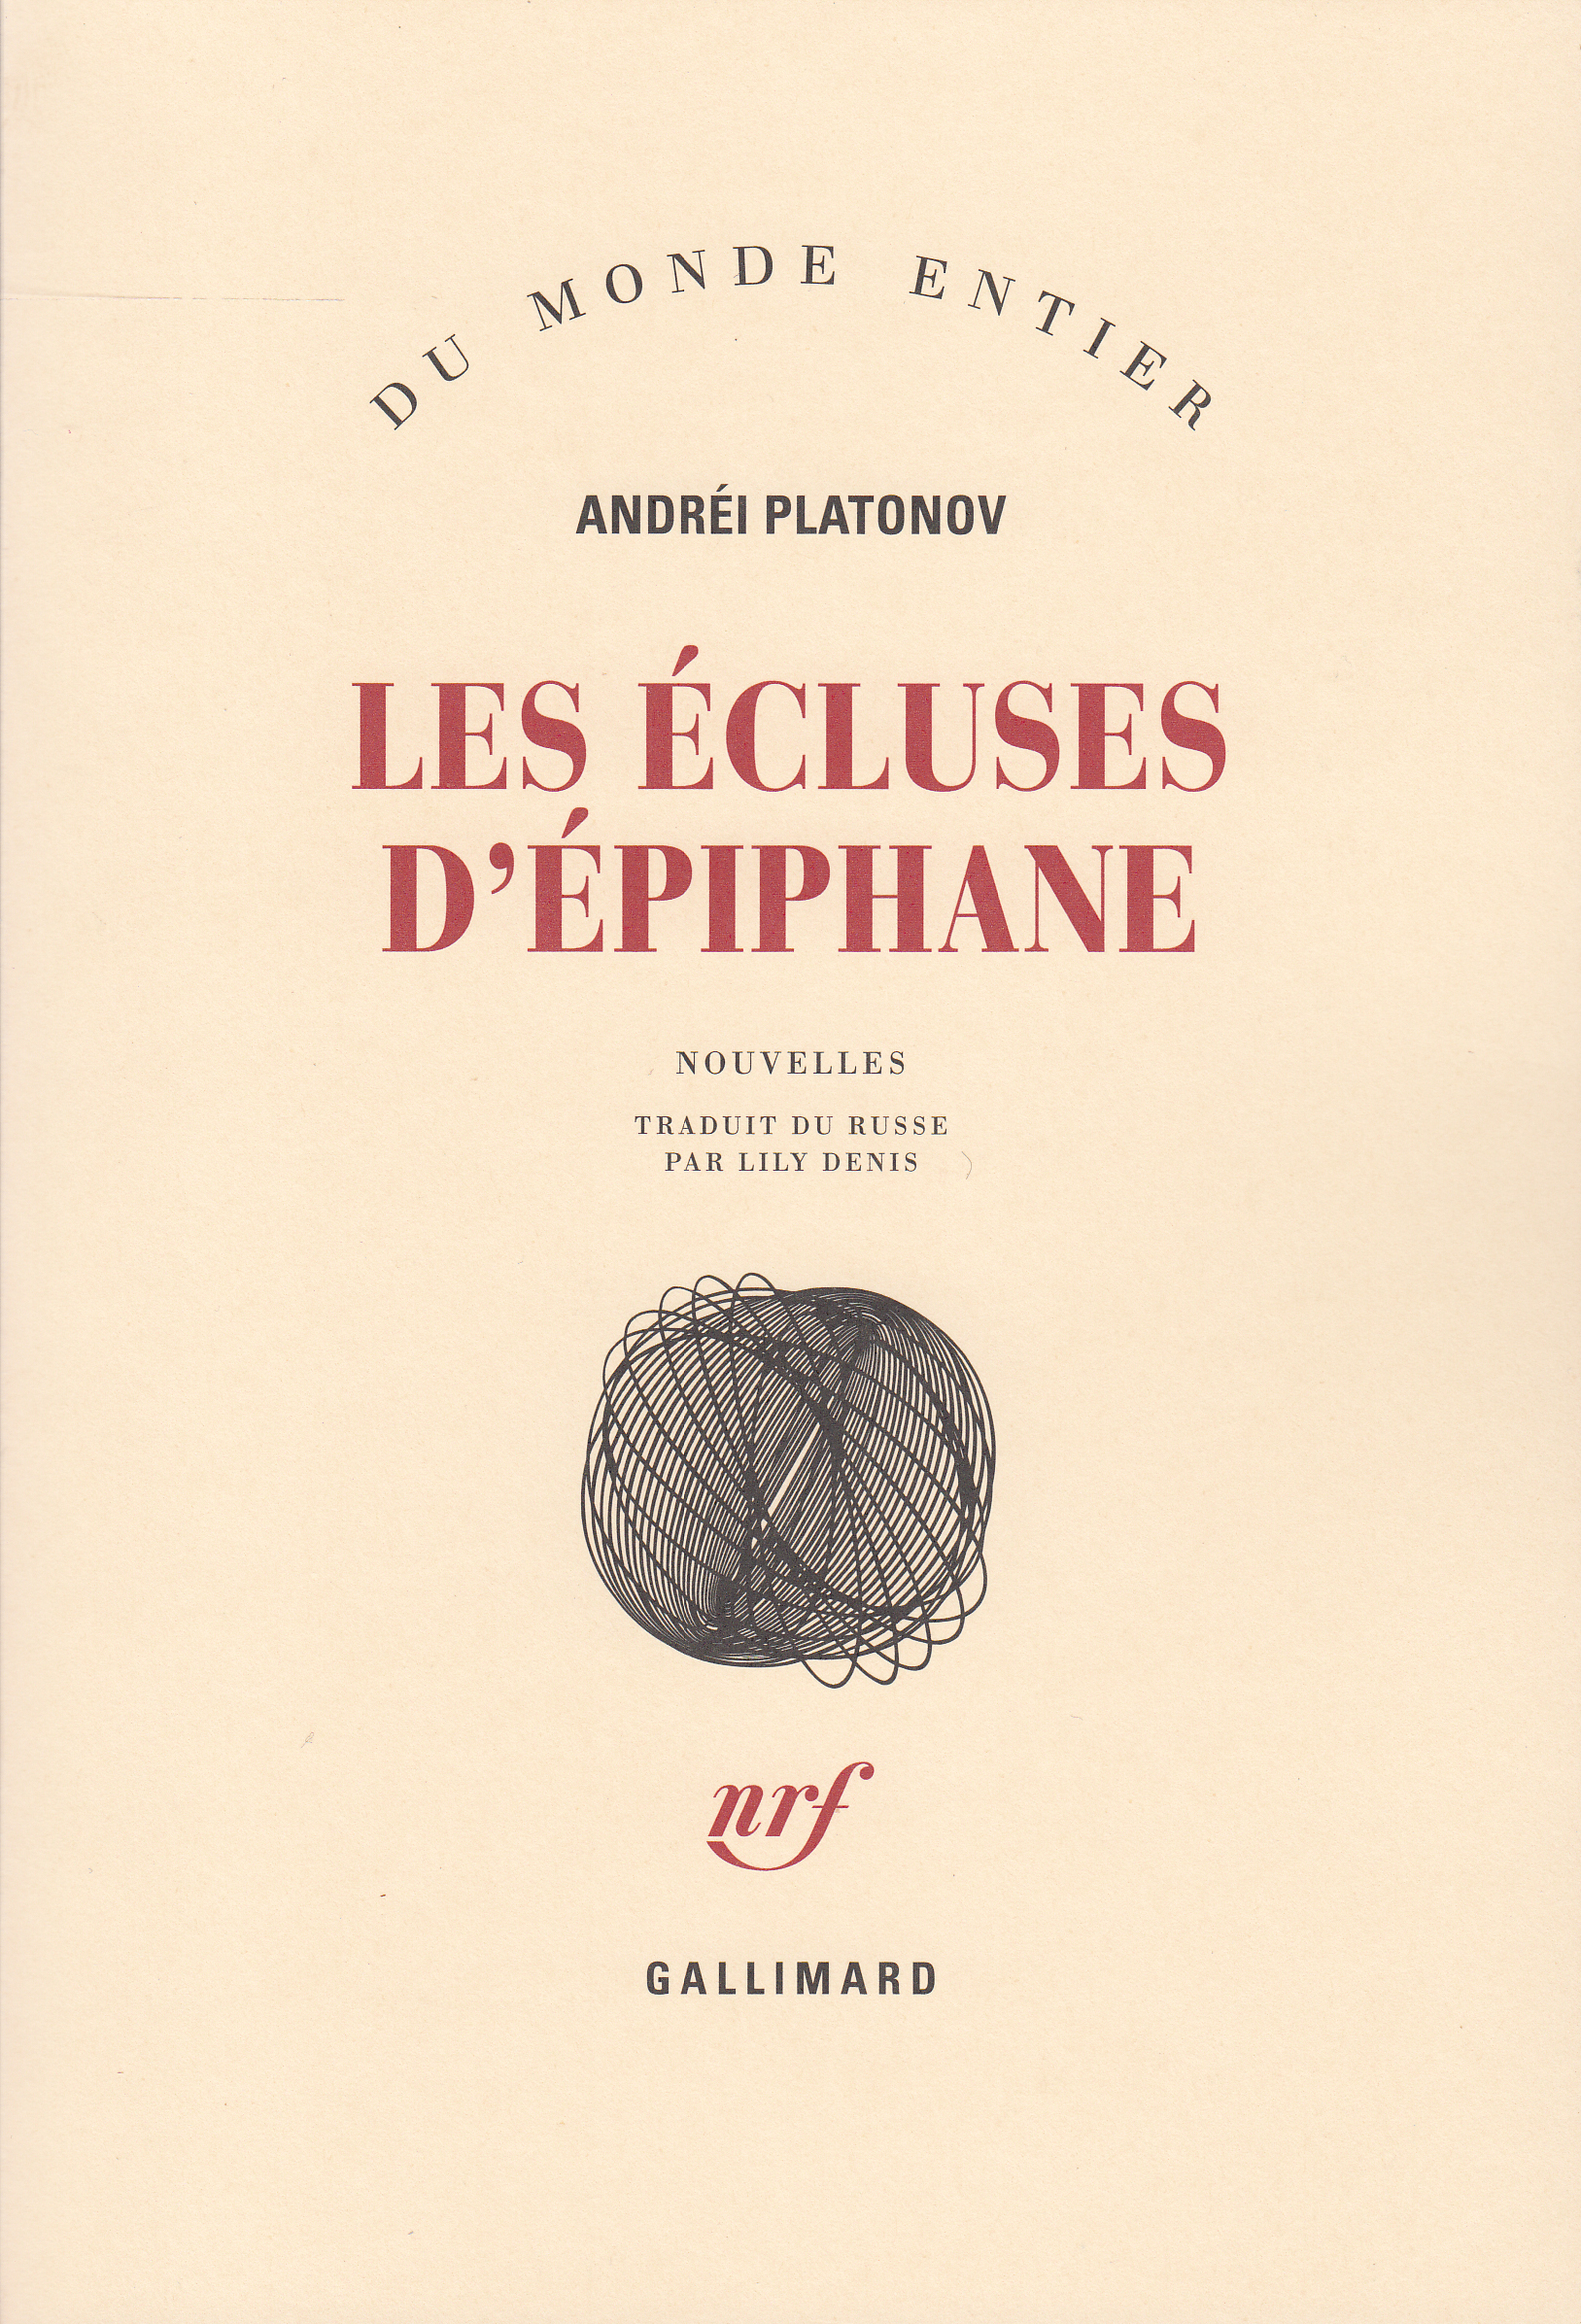 LES ECLUSES D'EPIPHANE